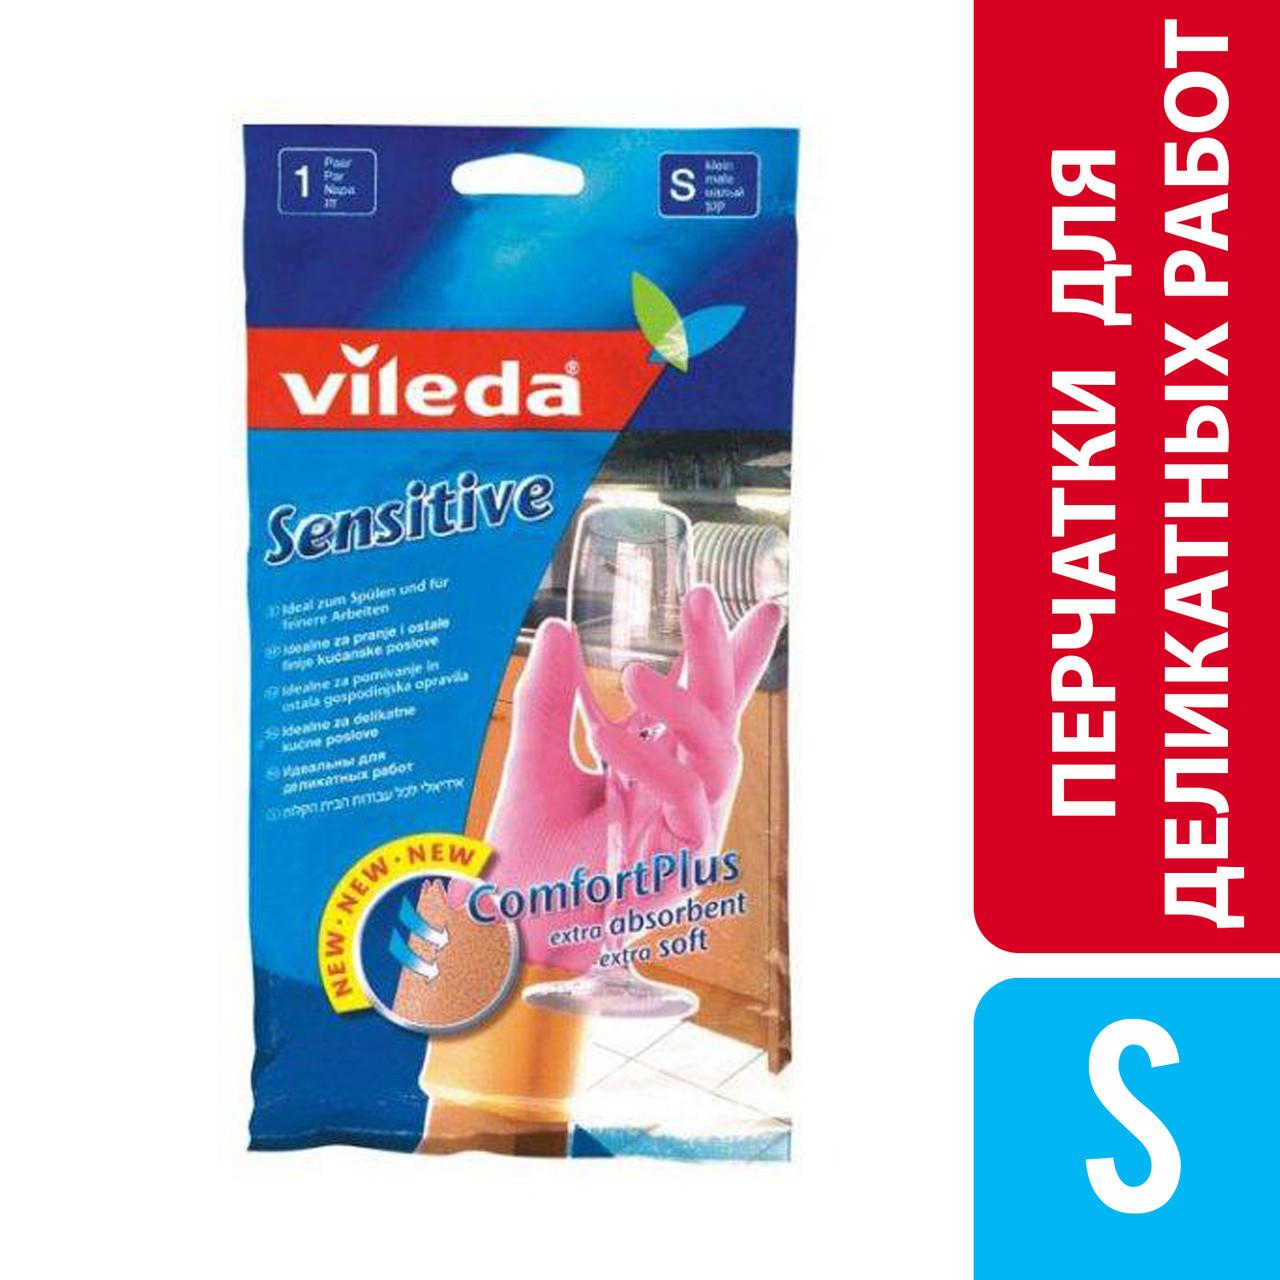 Перчатки латексные для деликатных работ Sensitive ComfortPlus, Vileda, размер S, 1 шт.